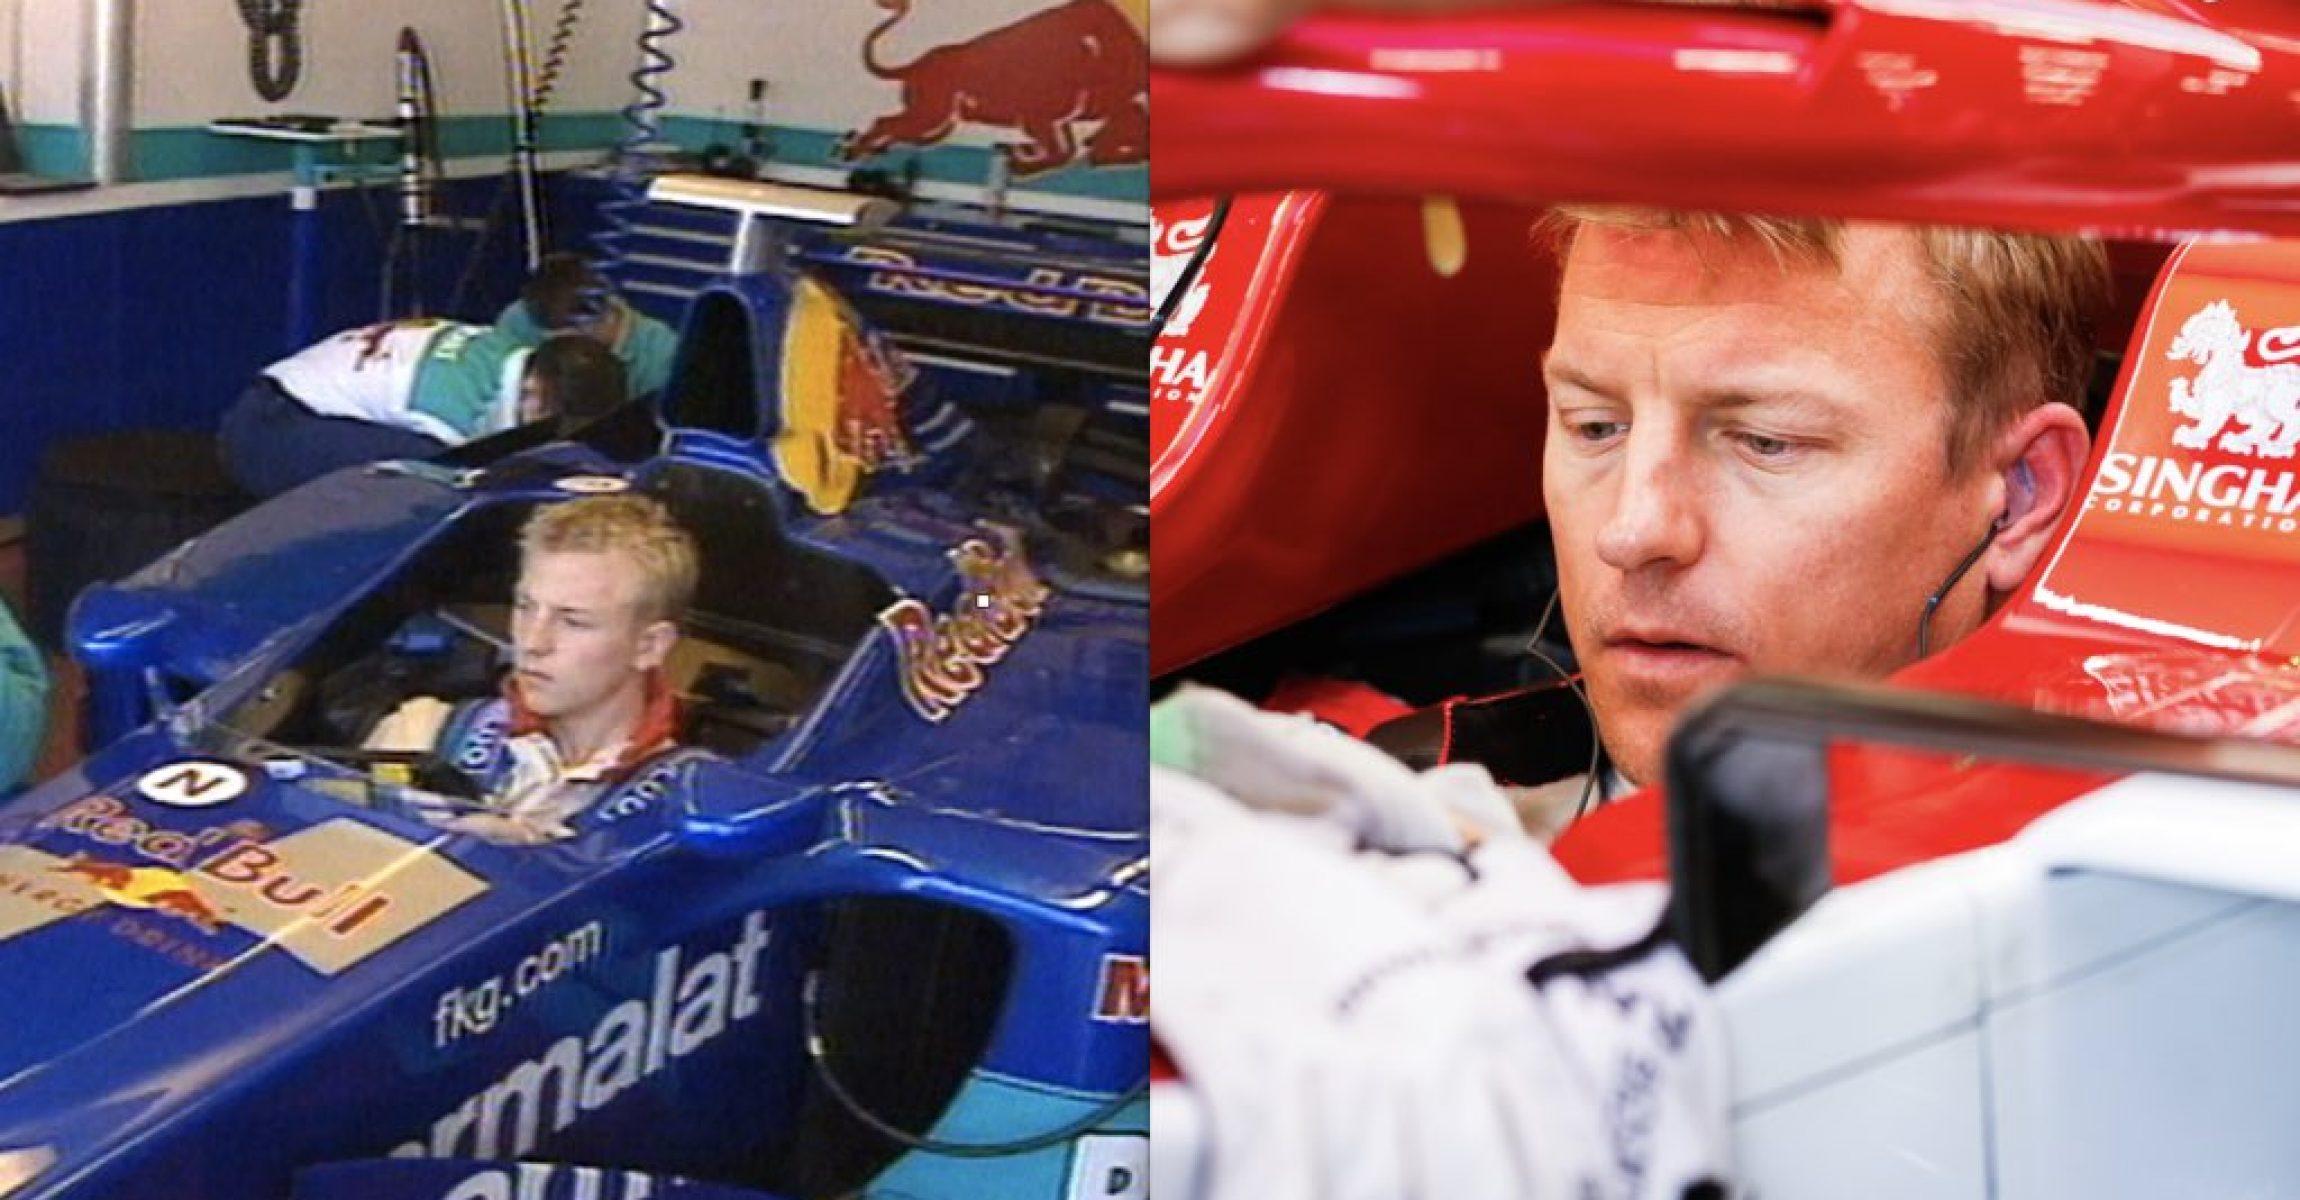 Kimi Räikkönen in 2000 and in 2020